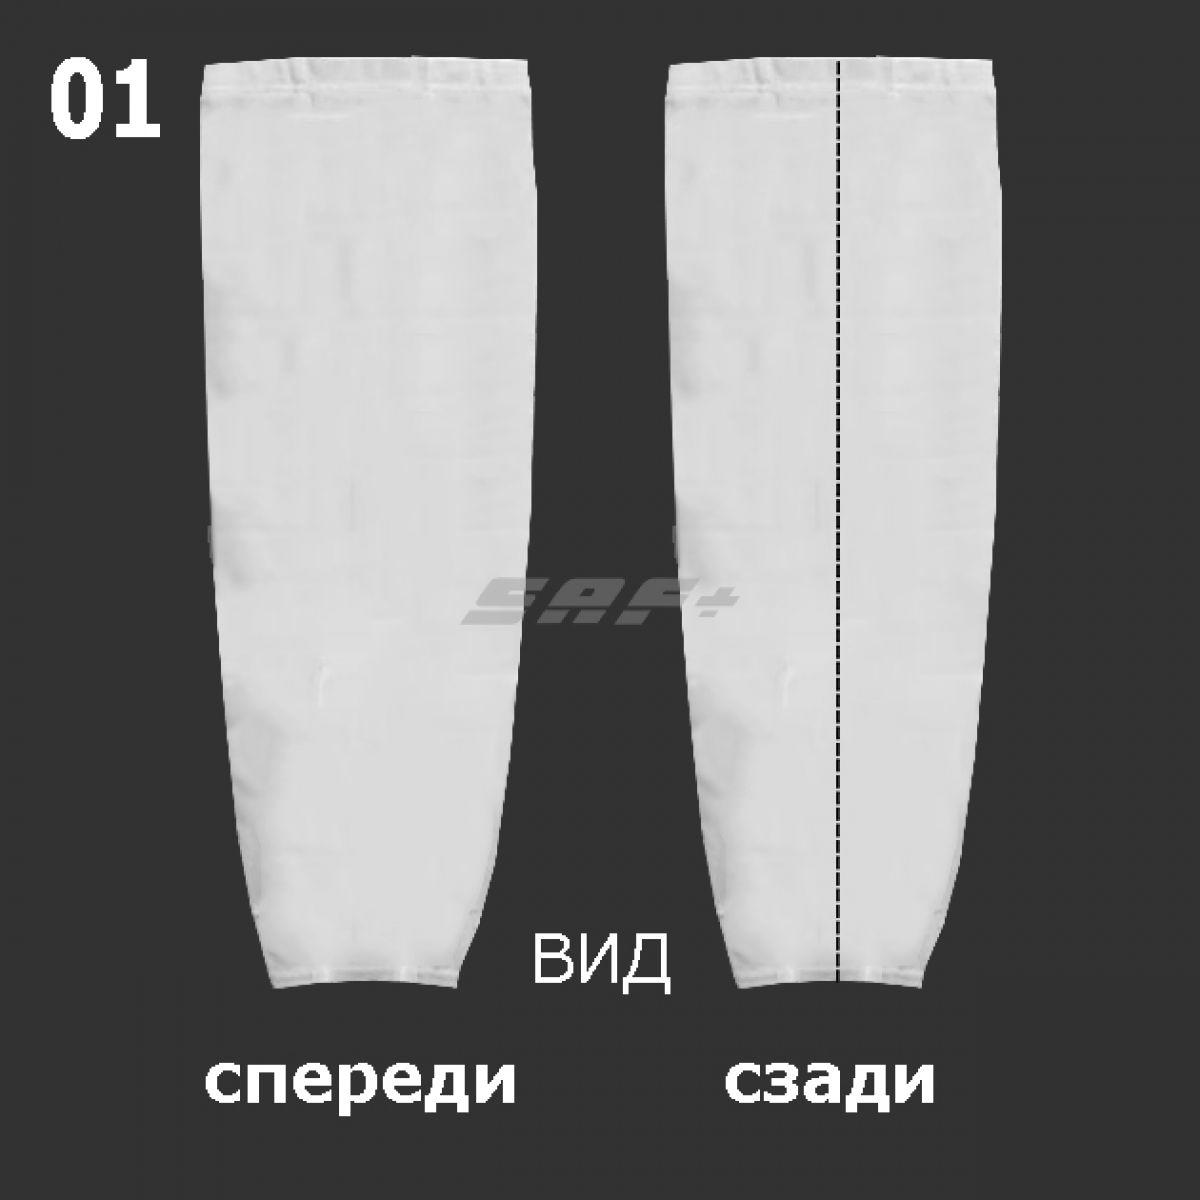 ГАМАШИ-01 хоккейные простые (СУБЛИМАЦИЯ)